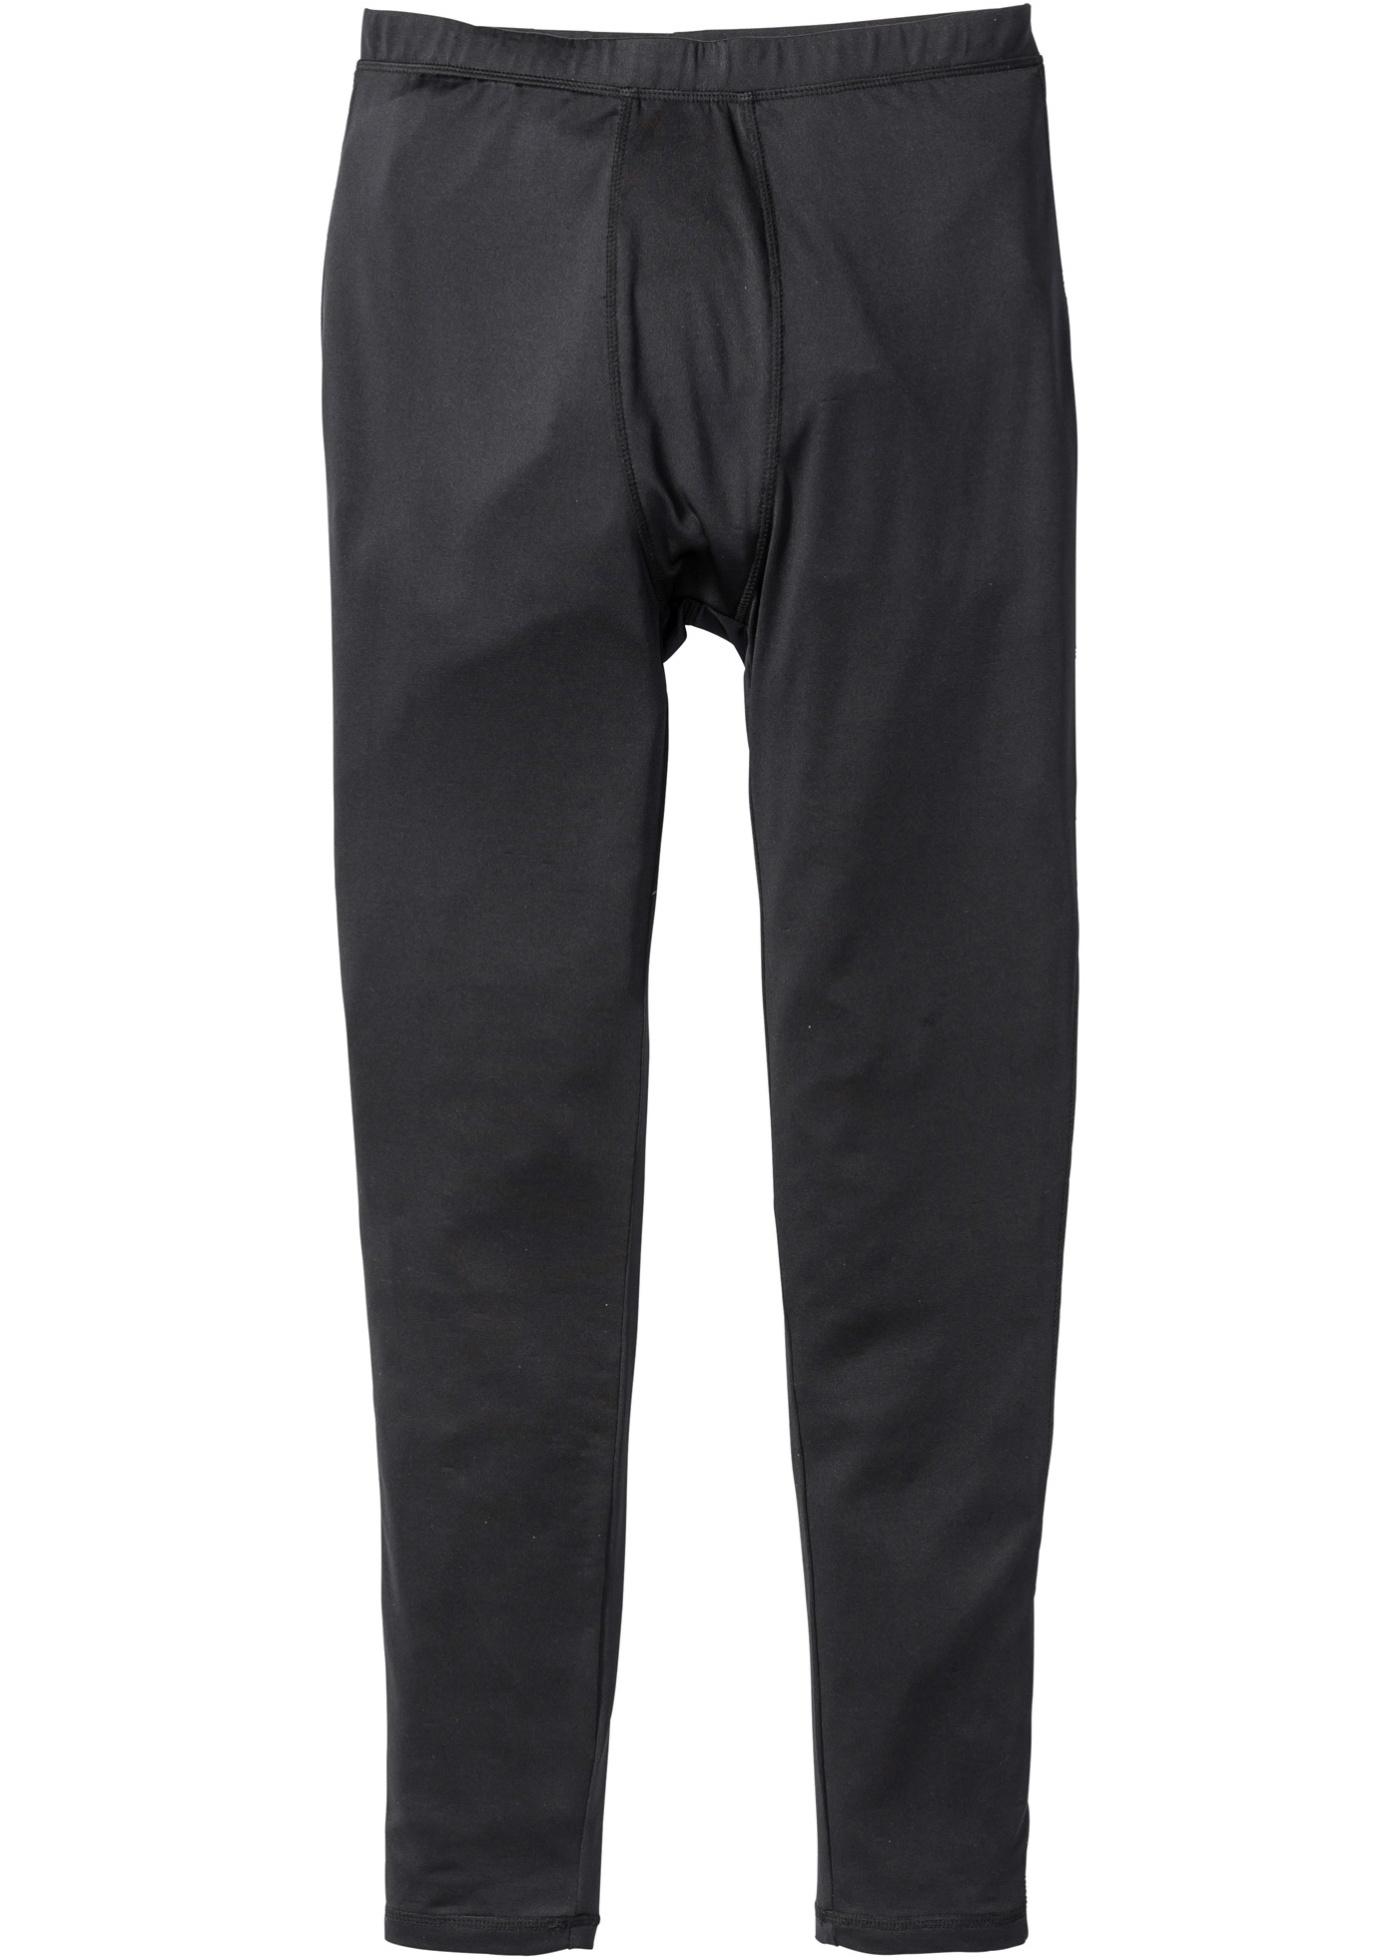 Pantalone funzionale da c